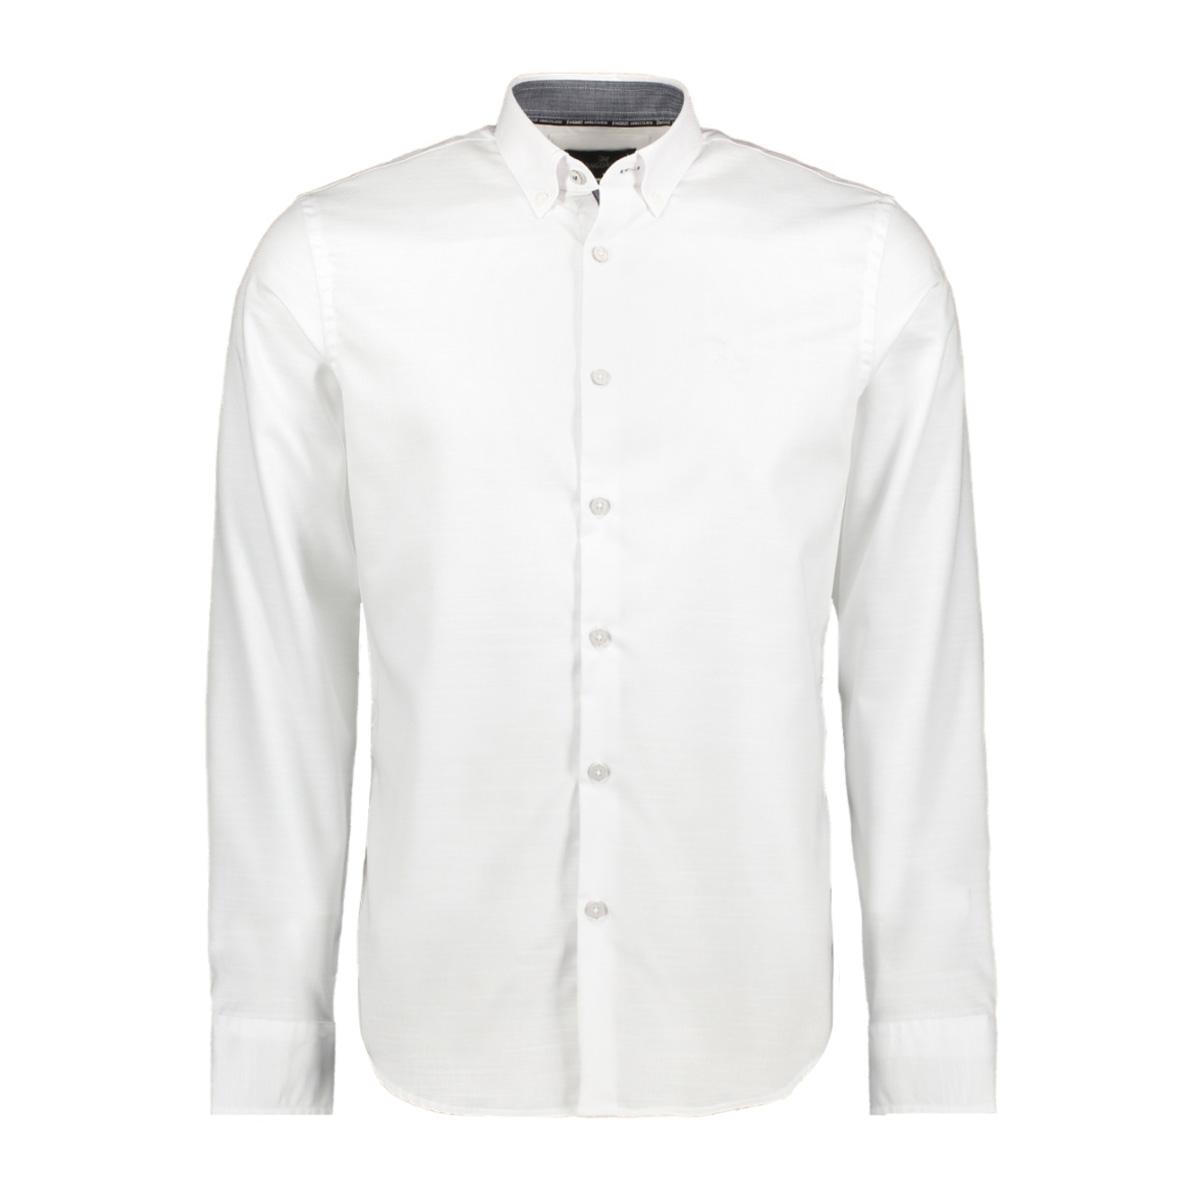 vsi191420 vanguard overhemd 7003